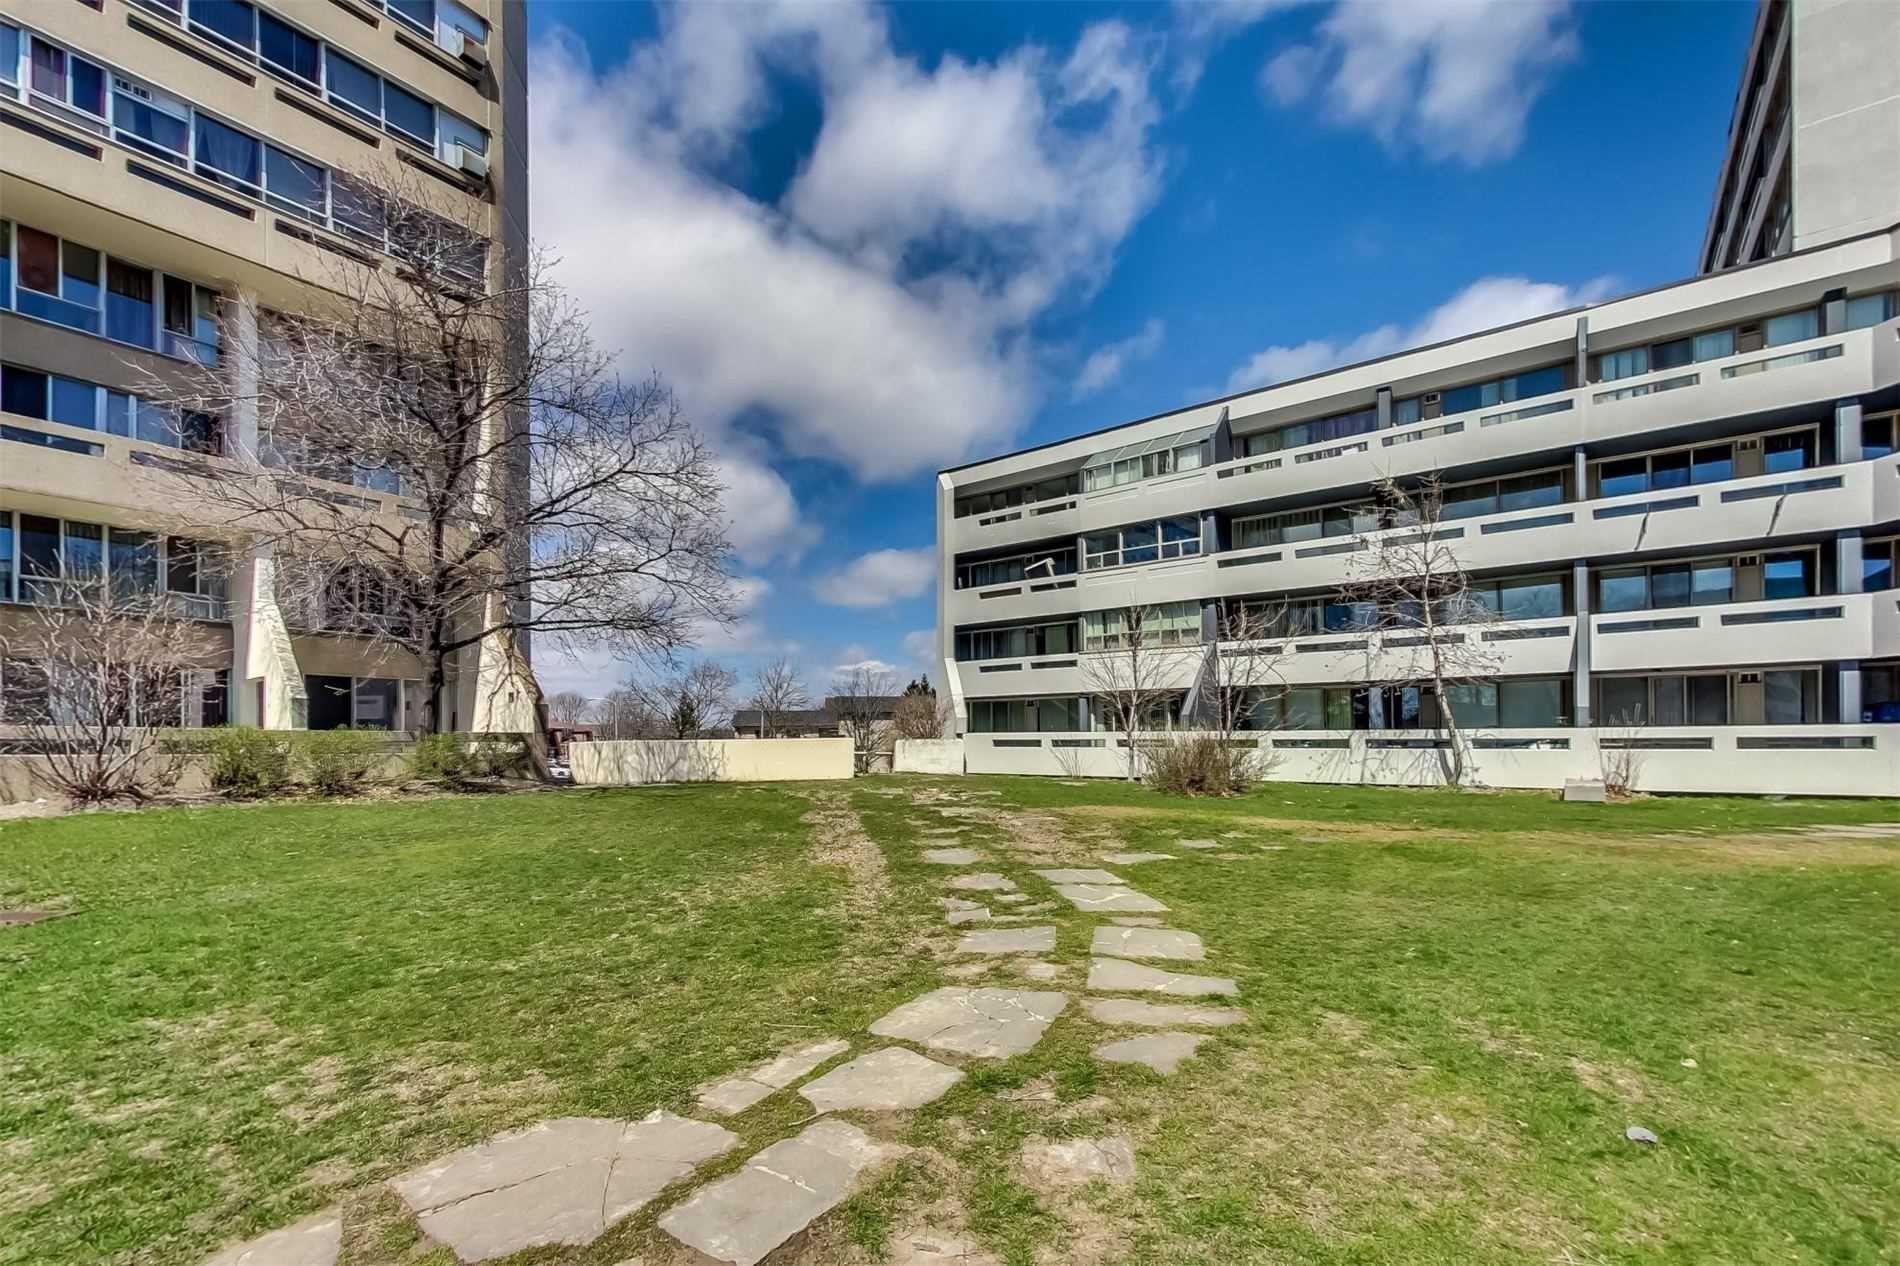 Photo 20: Photos: 212 5580 E Sheppard Avenue in Toronto: Malvern Condo for sale (Toronto E11)  : MLS®# E4747223